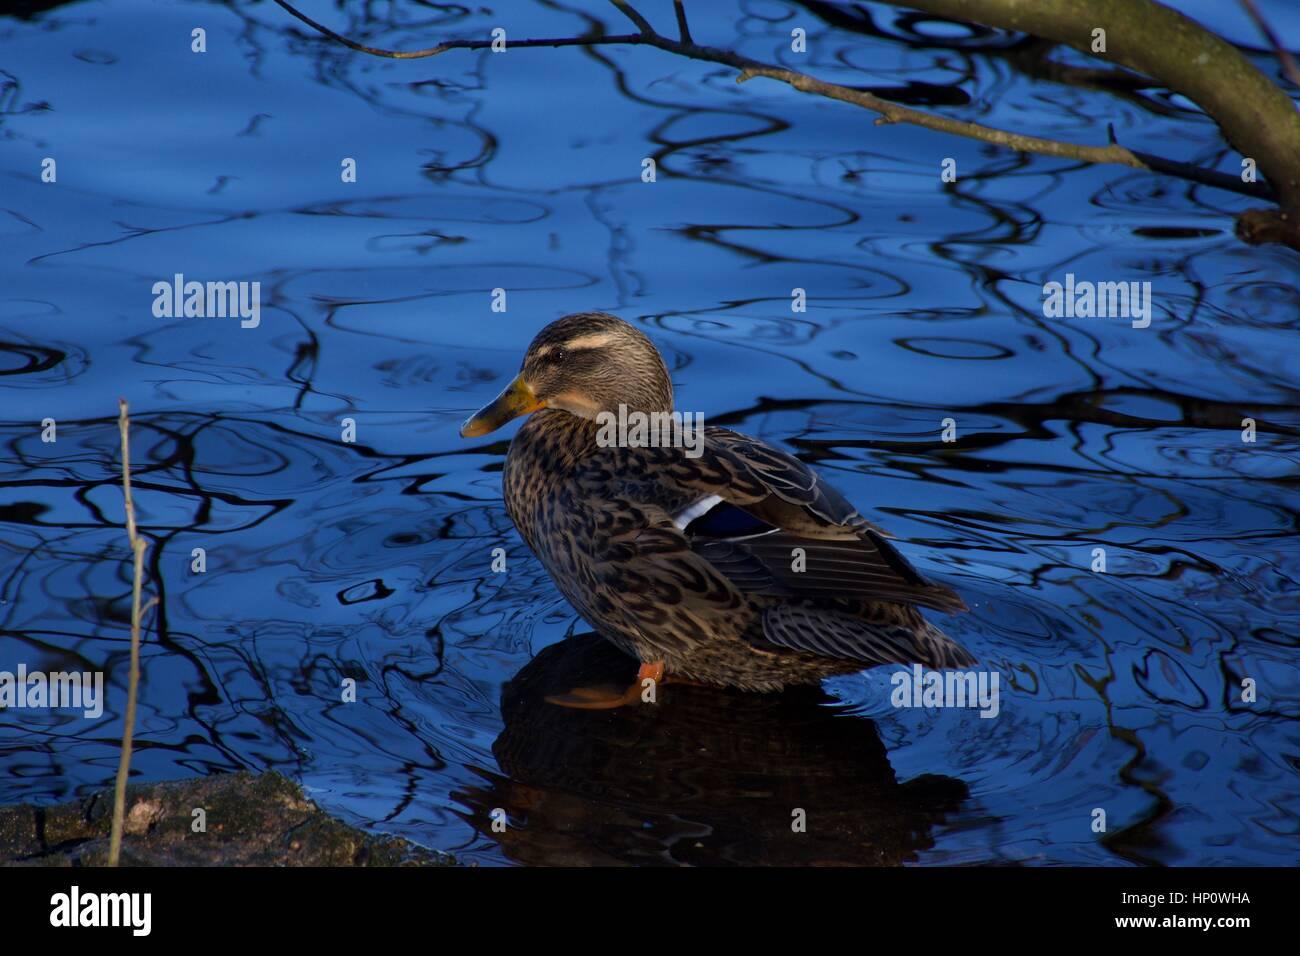 Debout dans l'eau bleu canard,Westport lake nature reserve en hiver,Stoke on Trent, Royaume Uni.lumière Photo Stock